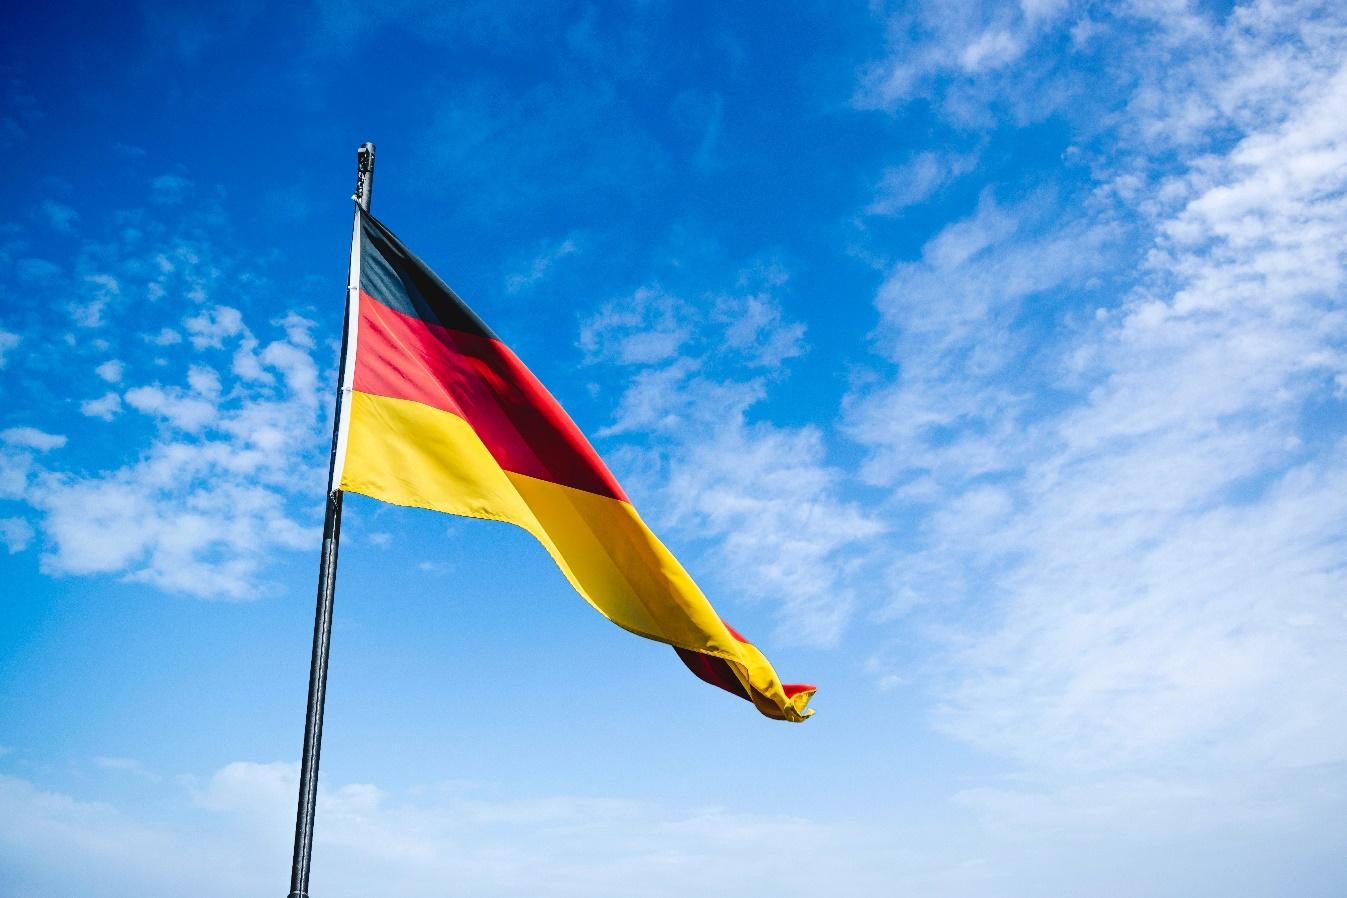 Turismo en Alemania bandera Alemana